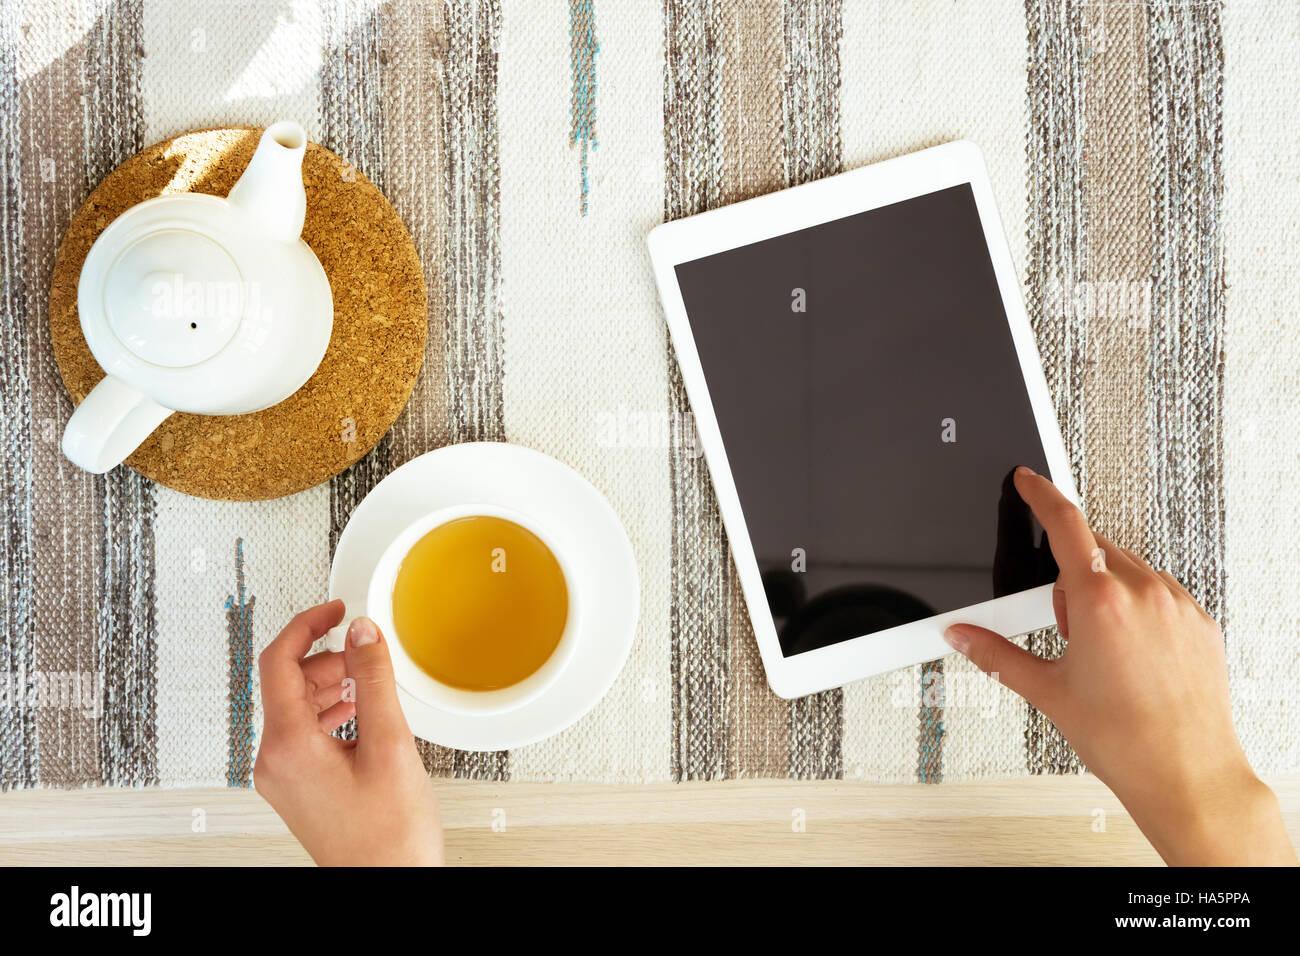 Impostare le mani computer tablet tazza da tè tabella Immagini Stock